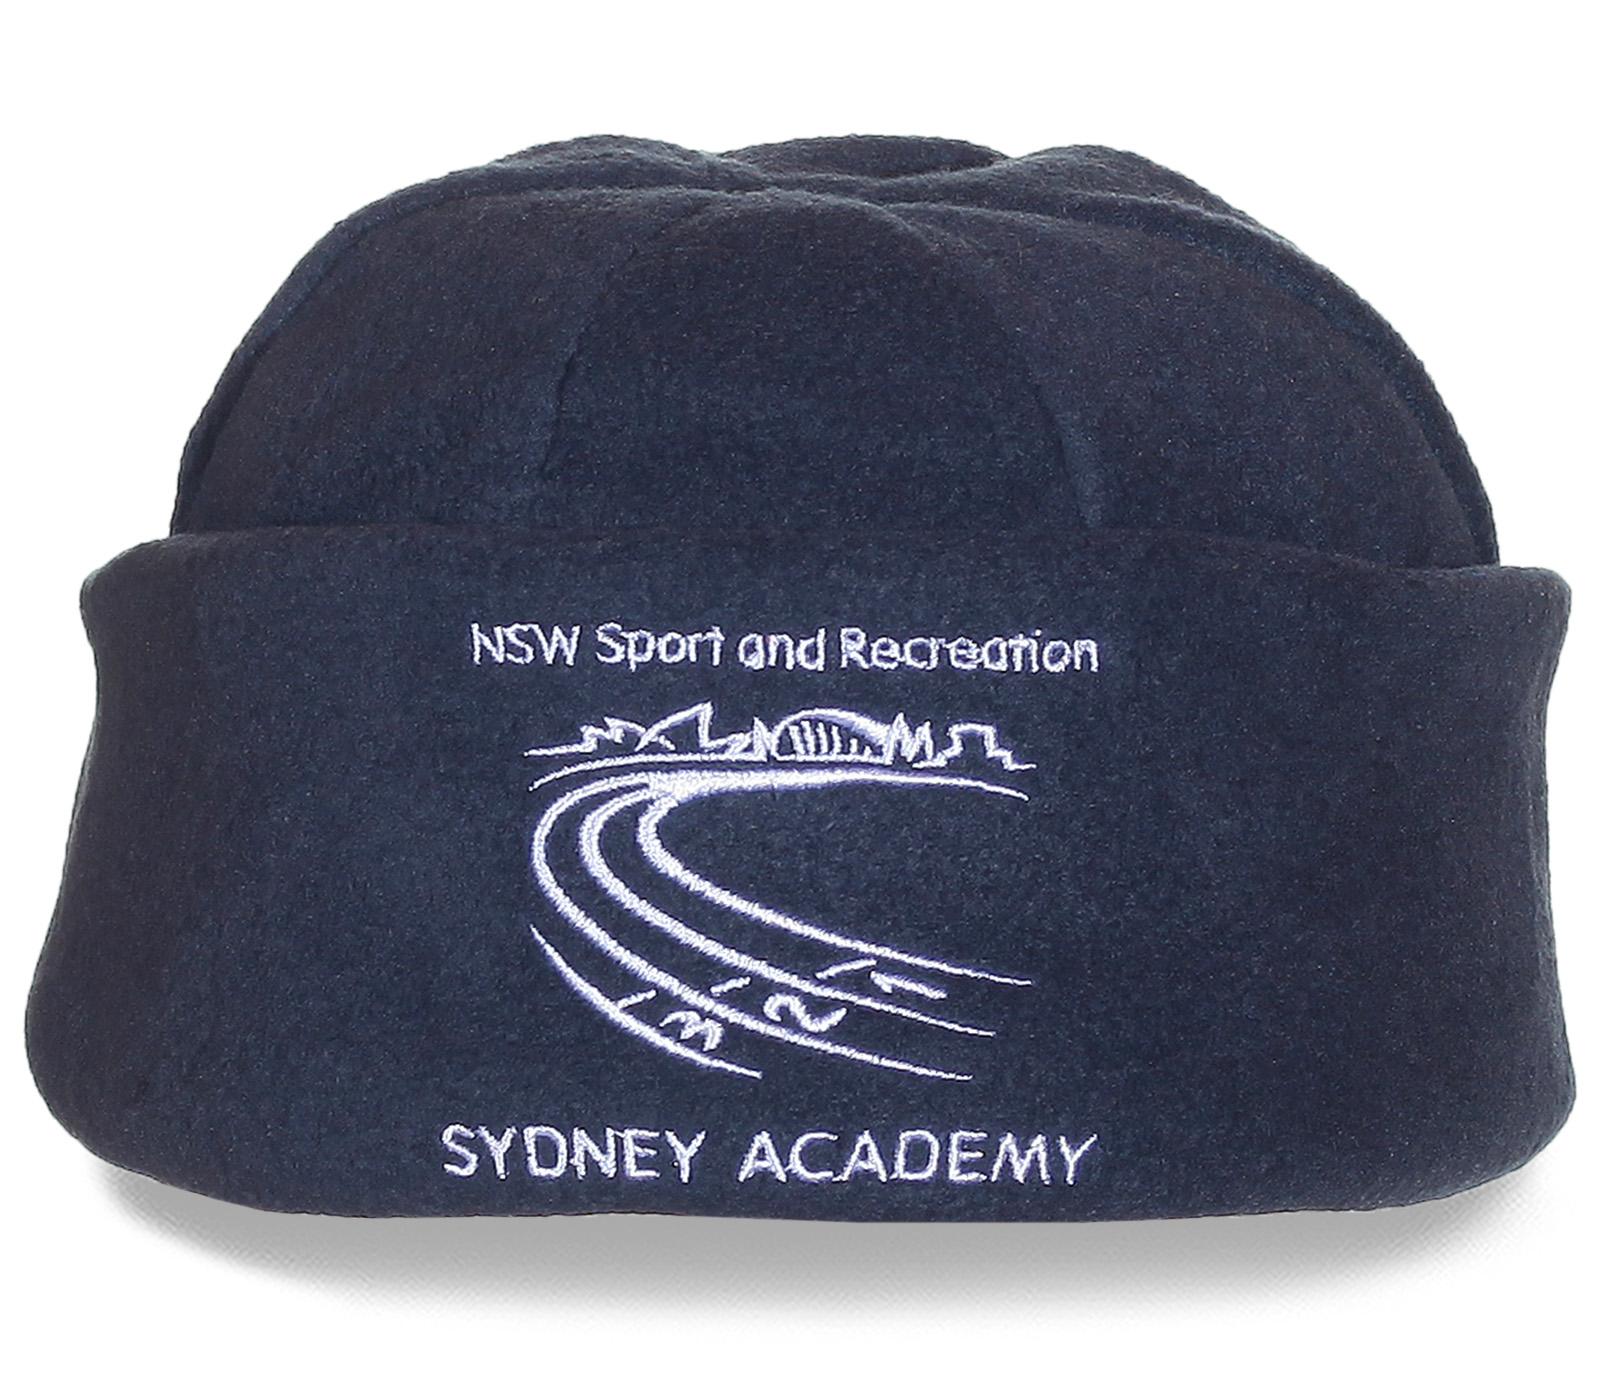 Оригинальная шапка Sydney Academy. Спортивная модель для ценителей образования